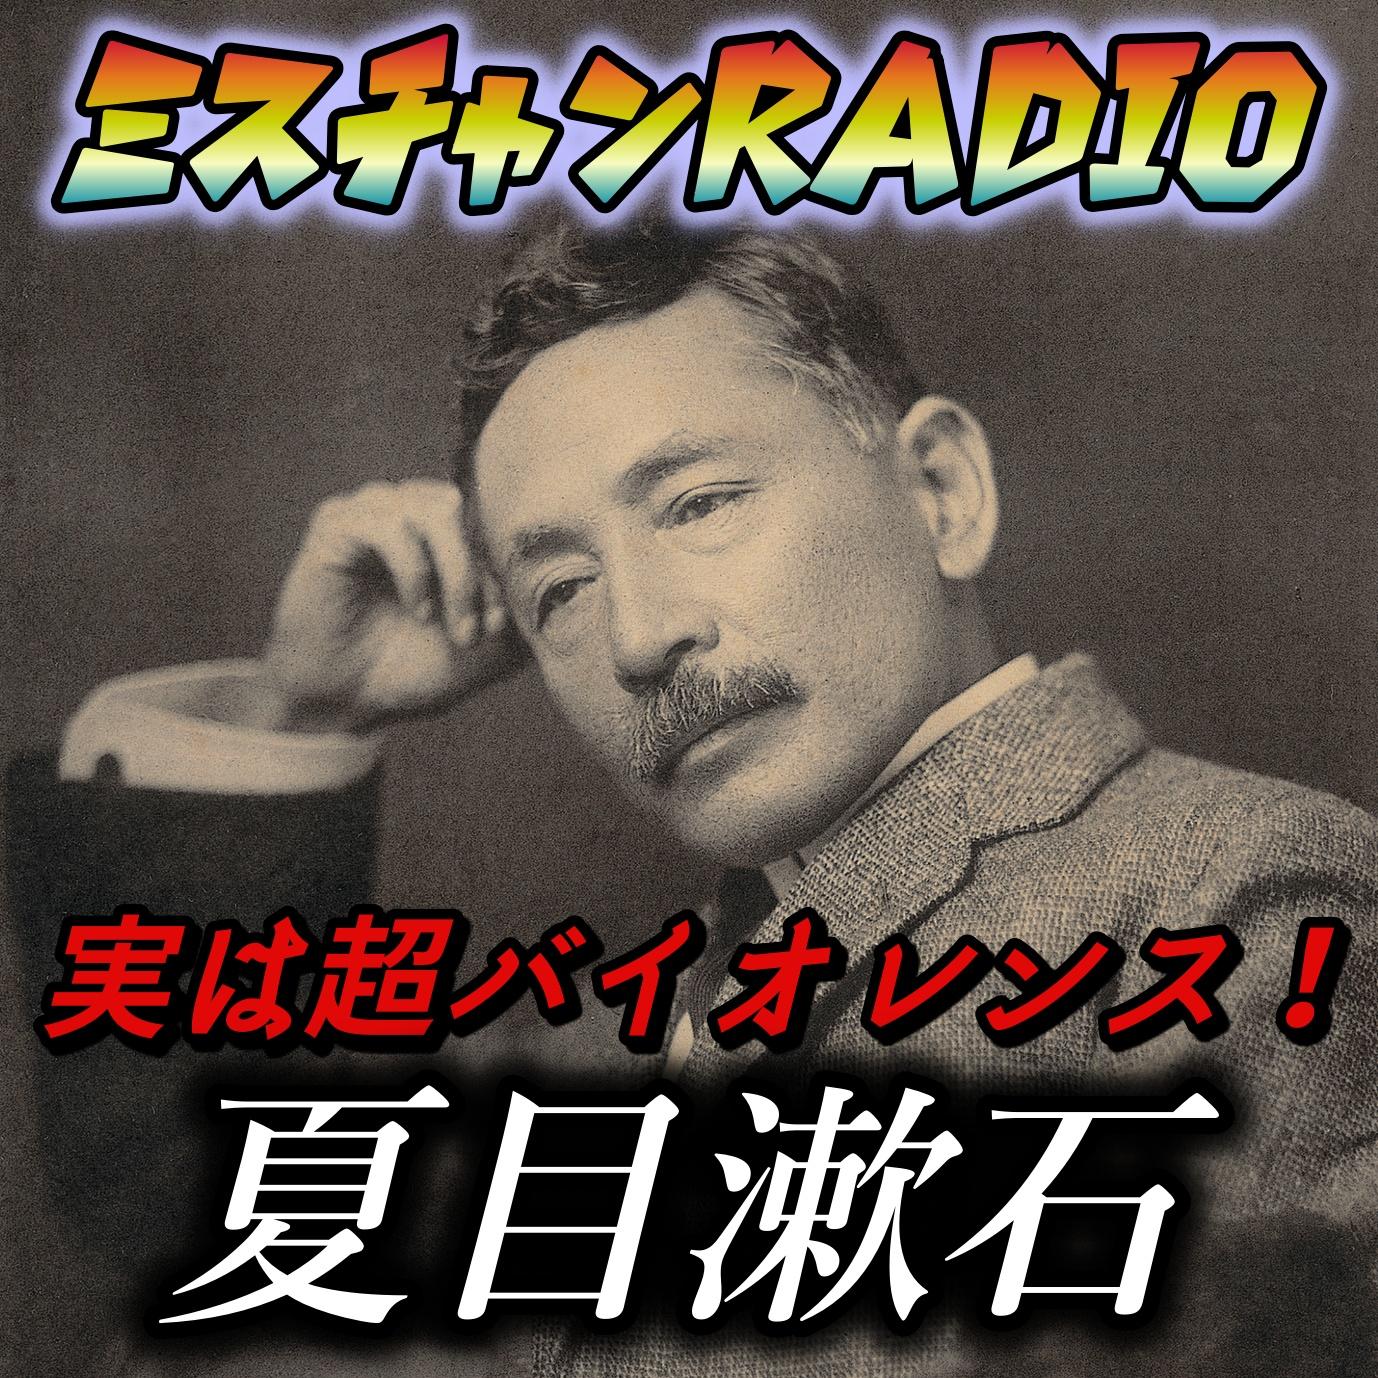 【第5回】実はとってもバイオレンス!日本の文豪「夏目漱石」!